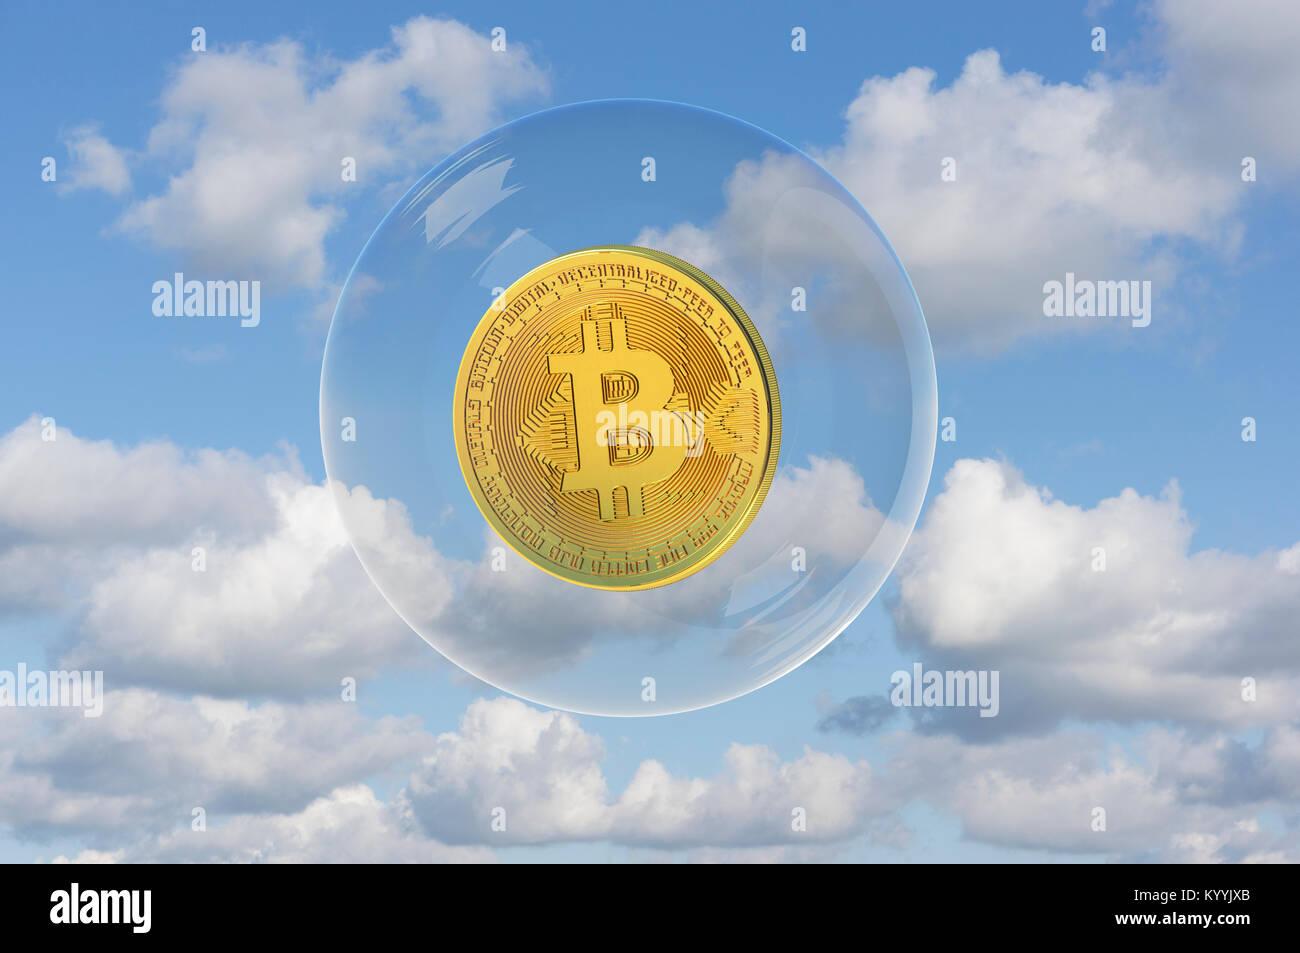 Dans une bulle flottante Bitcoin - concept d'évaluation Photo Stock